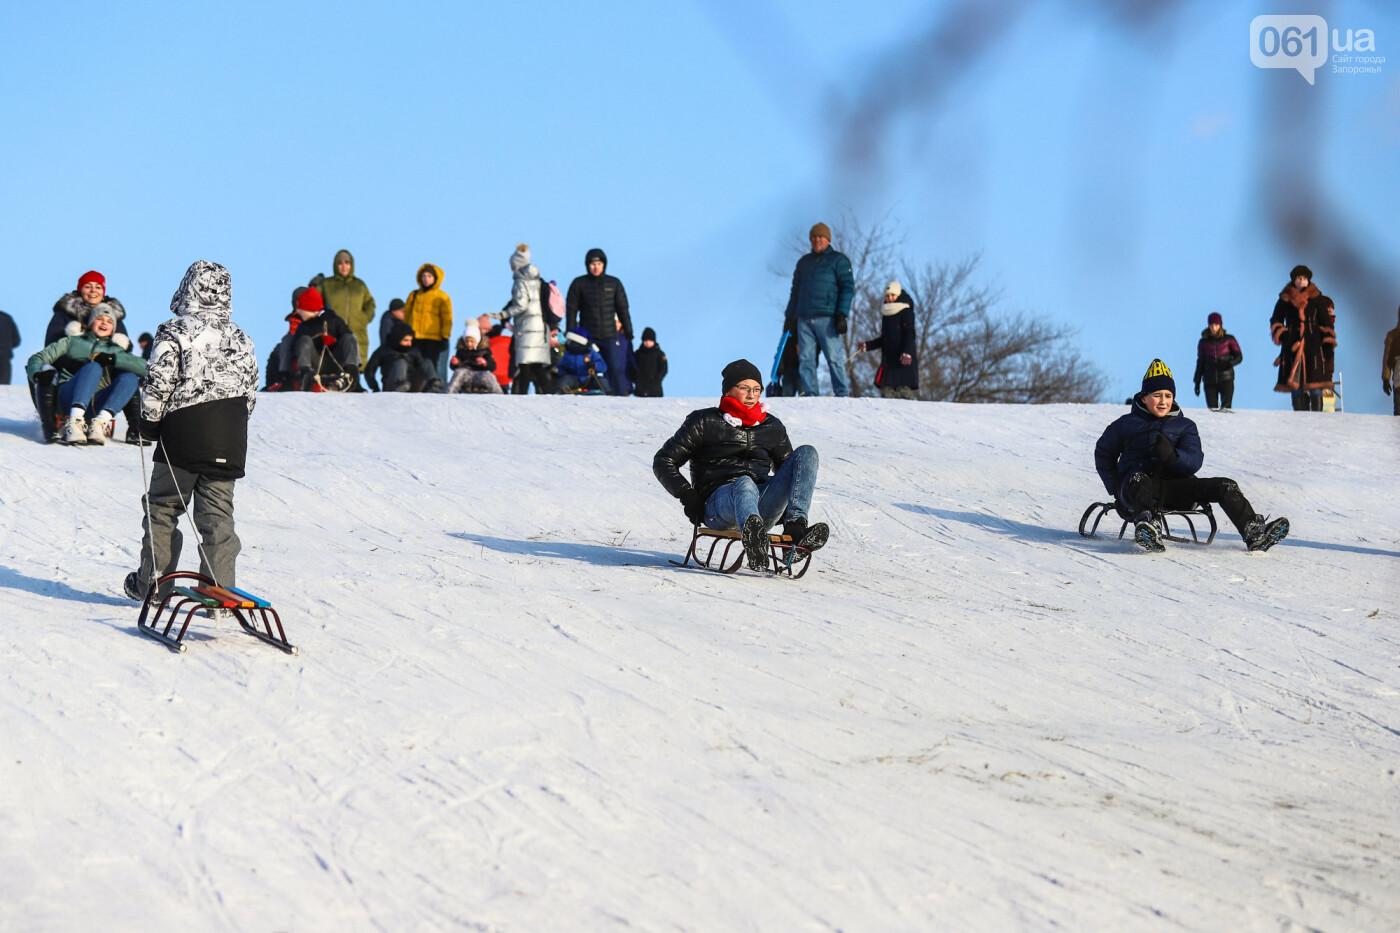 На санках, лыжах и сноуборде: запорожцы устроили массовое катание с горок в Вознесеновском парке, - ФОТОРЕПОРТАЖ, фото-97